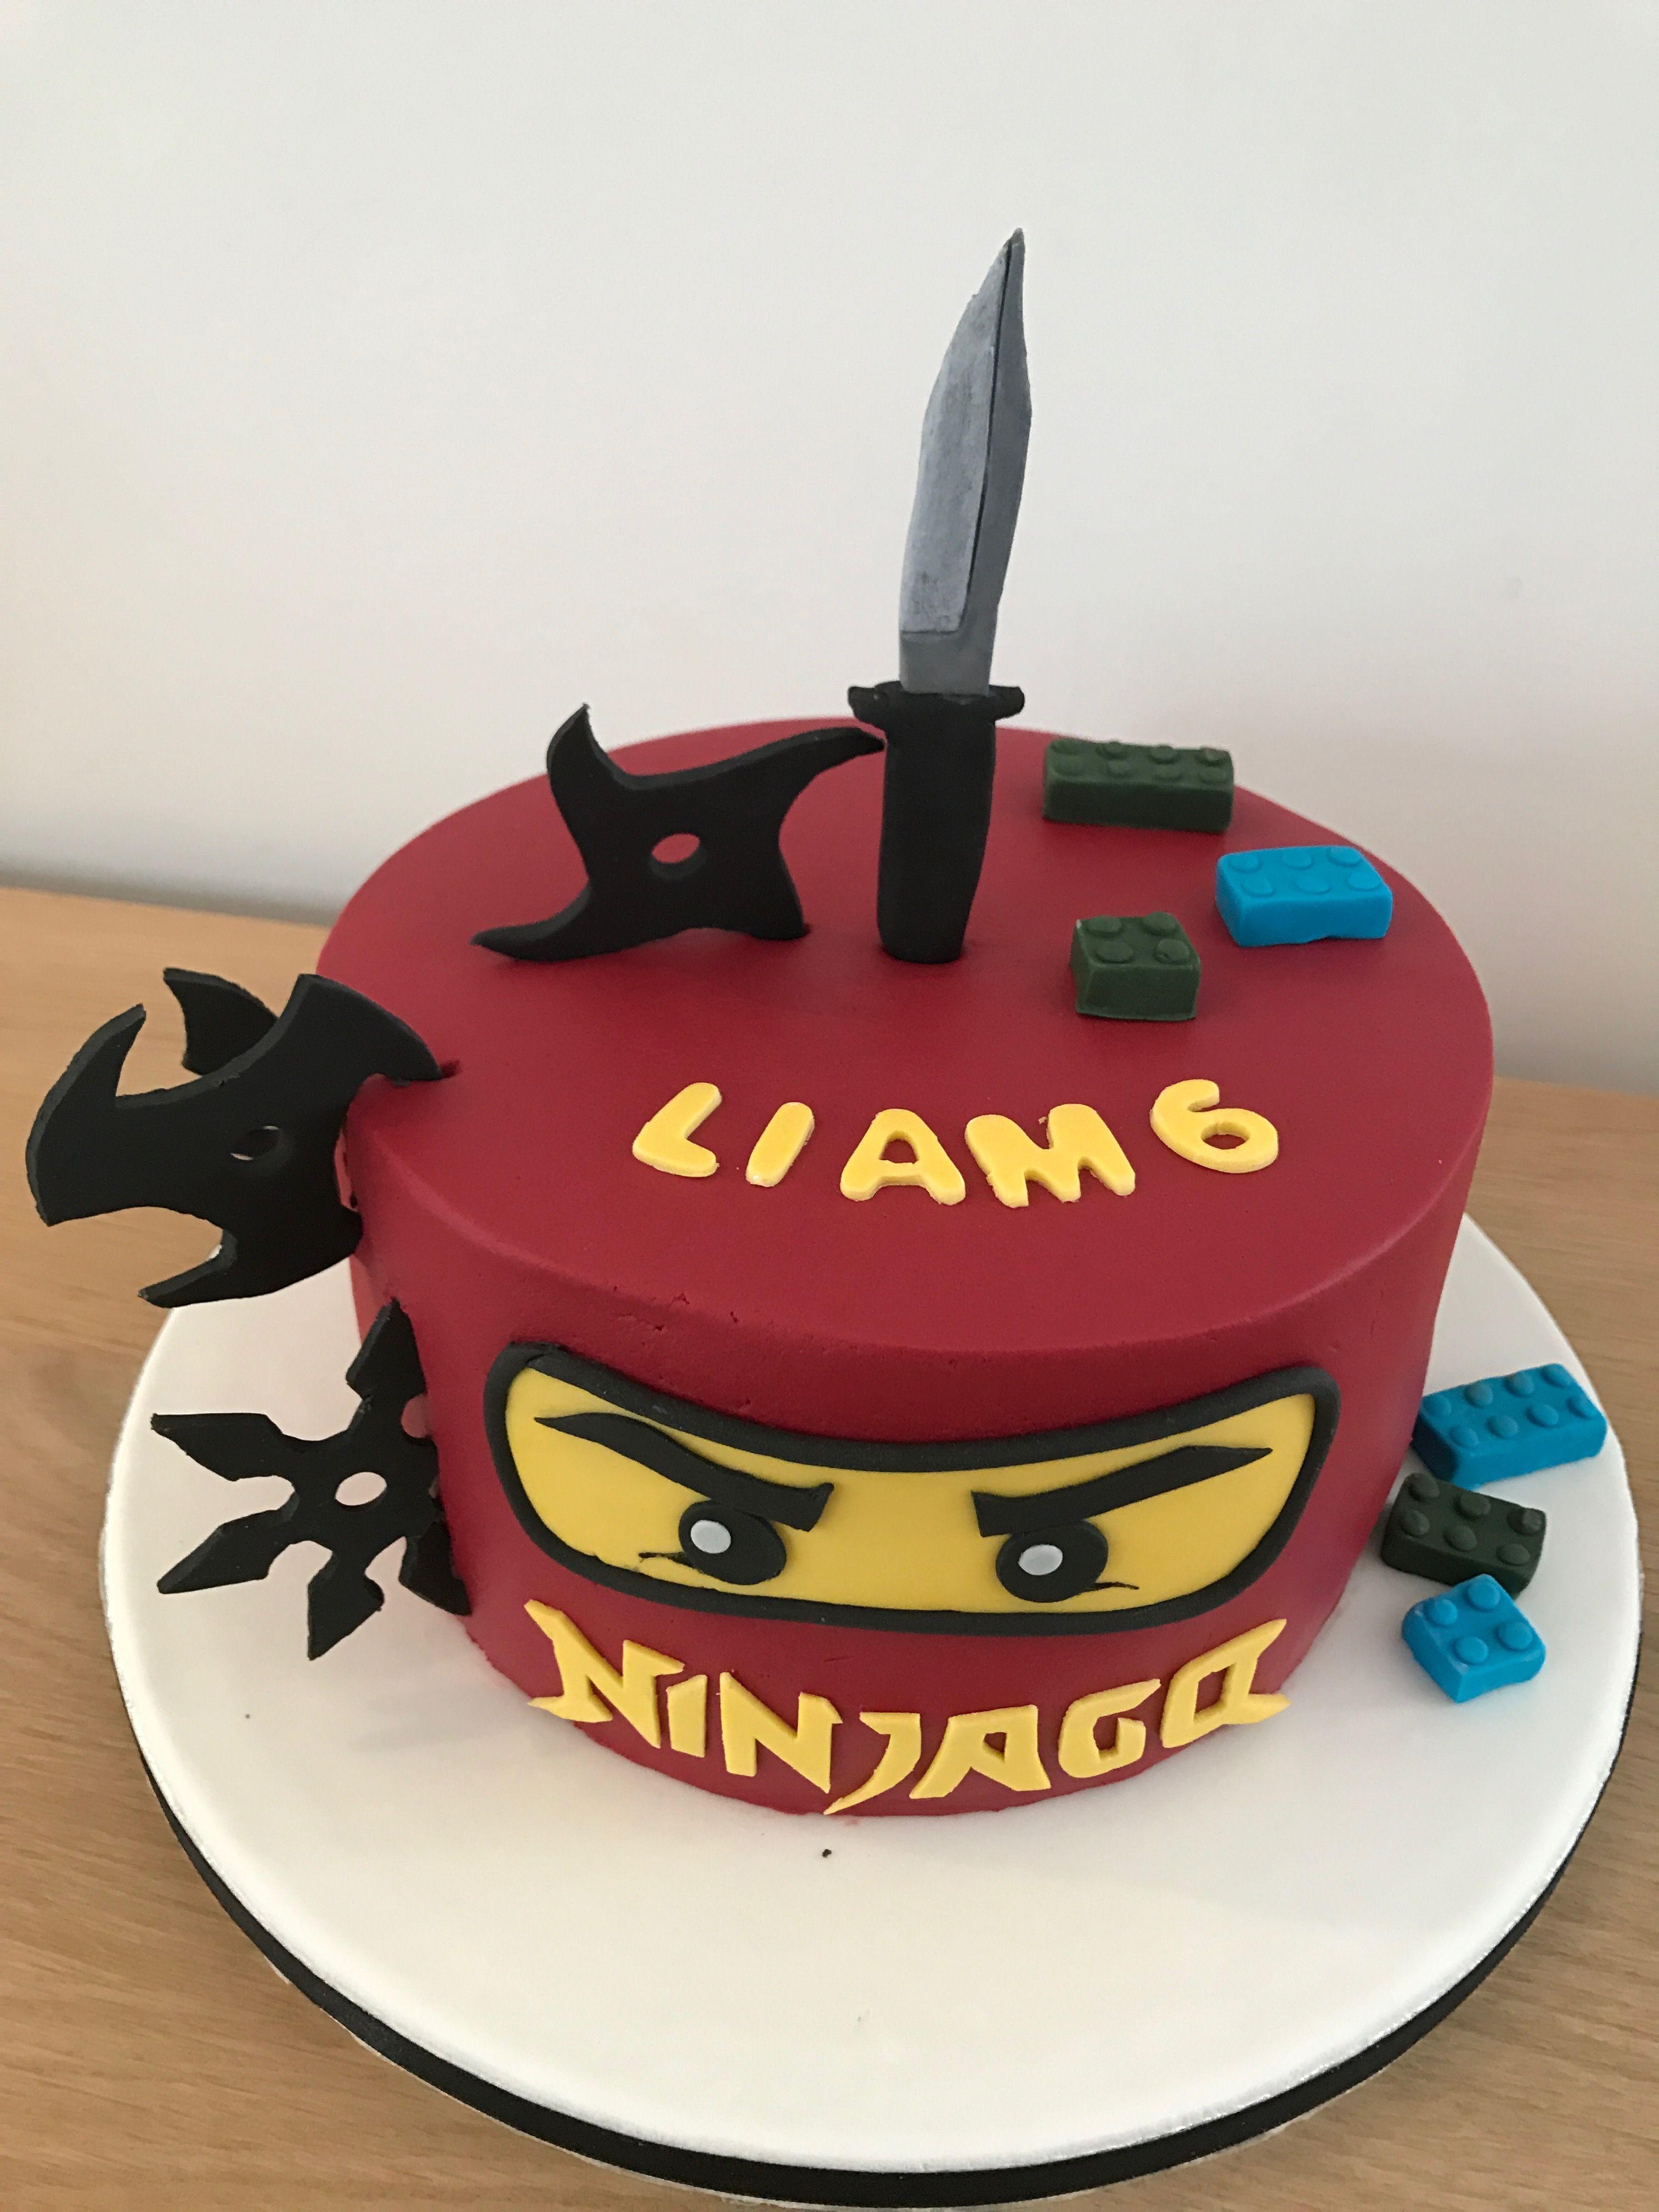 ninjago taart Ninjago taart Birthday 6 boy Verjaardagstaart jongen 6 Ninjago  ninjago taart